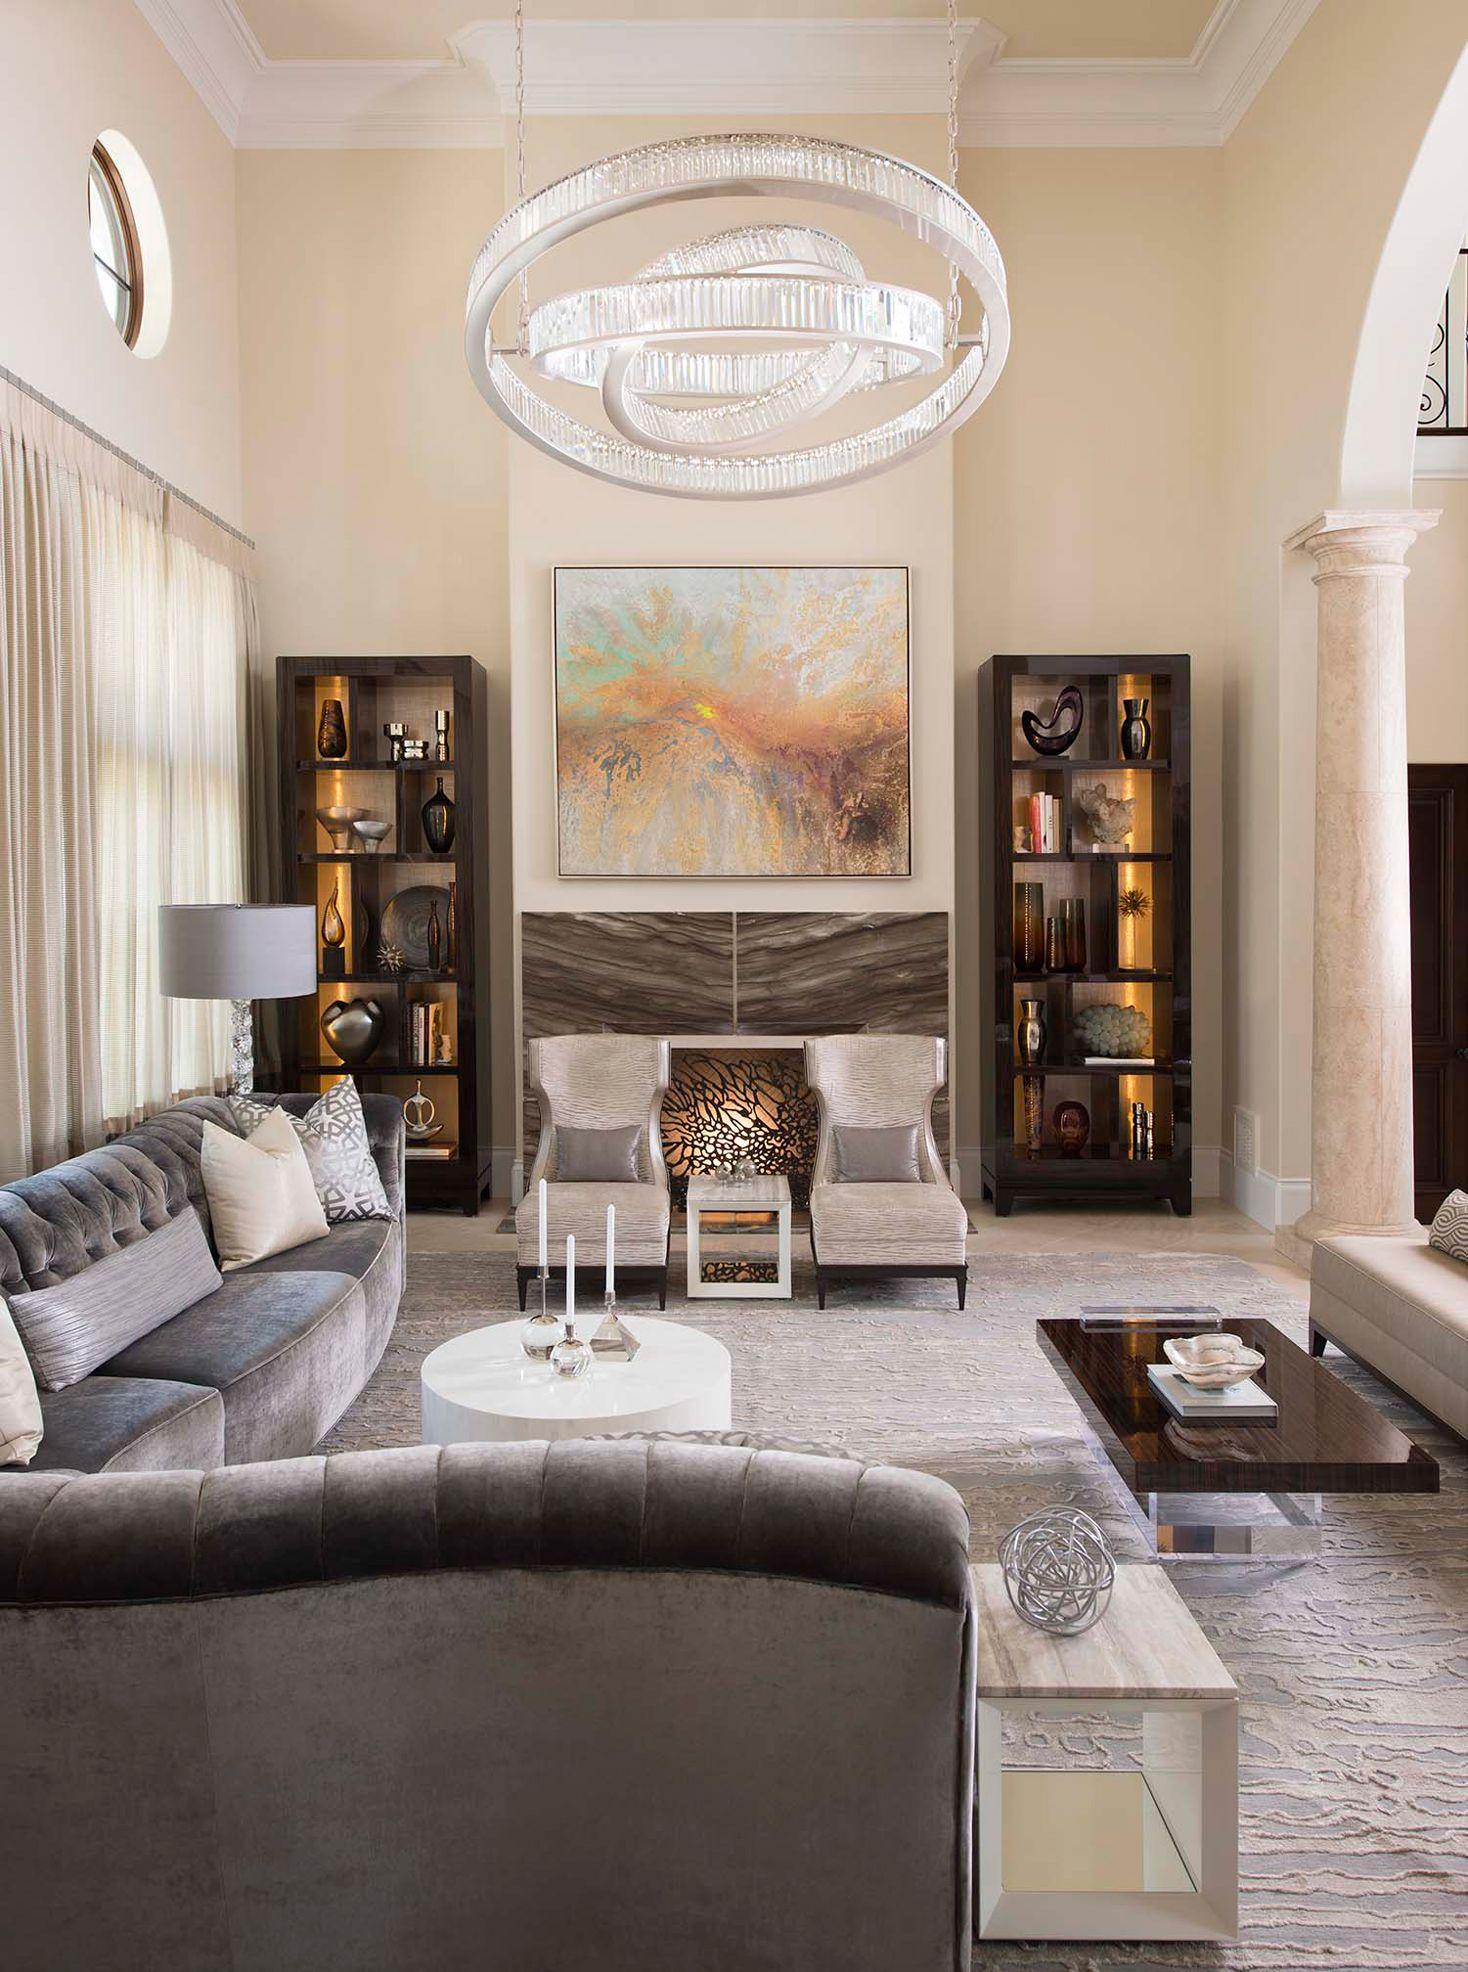 Living Rooms Design Interiors Dallasdesigngroup Best